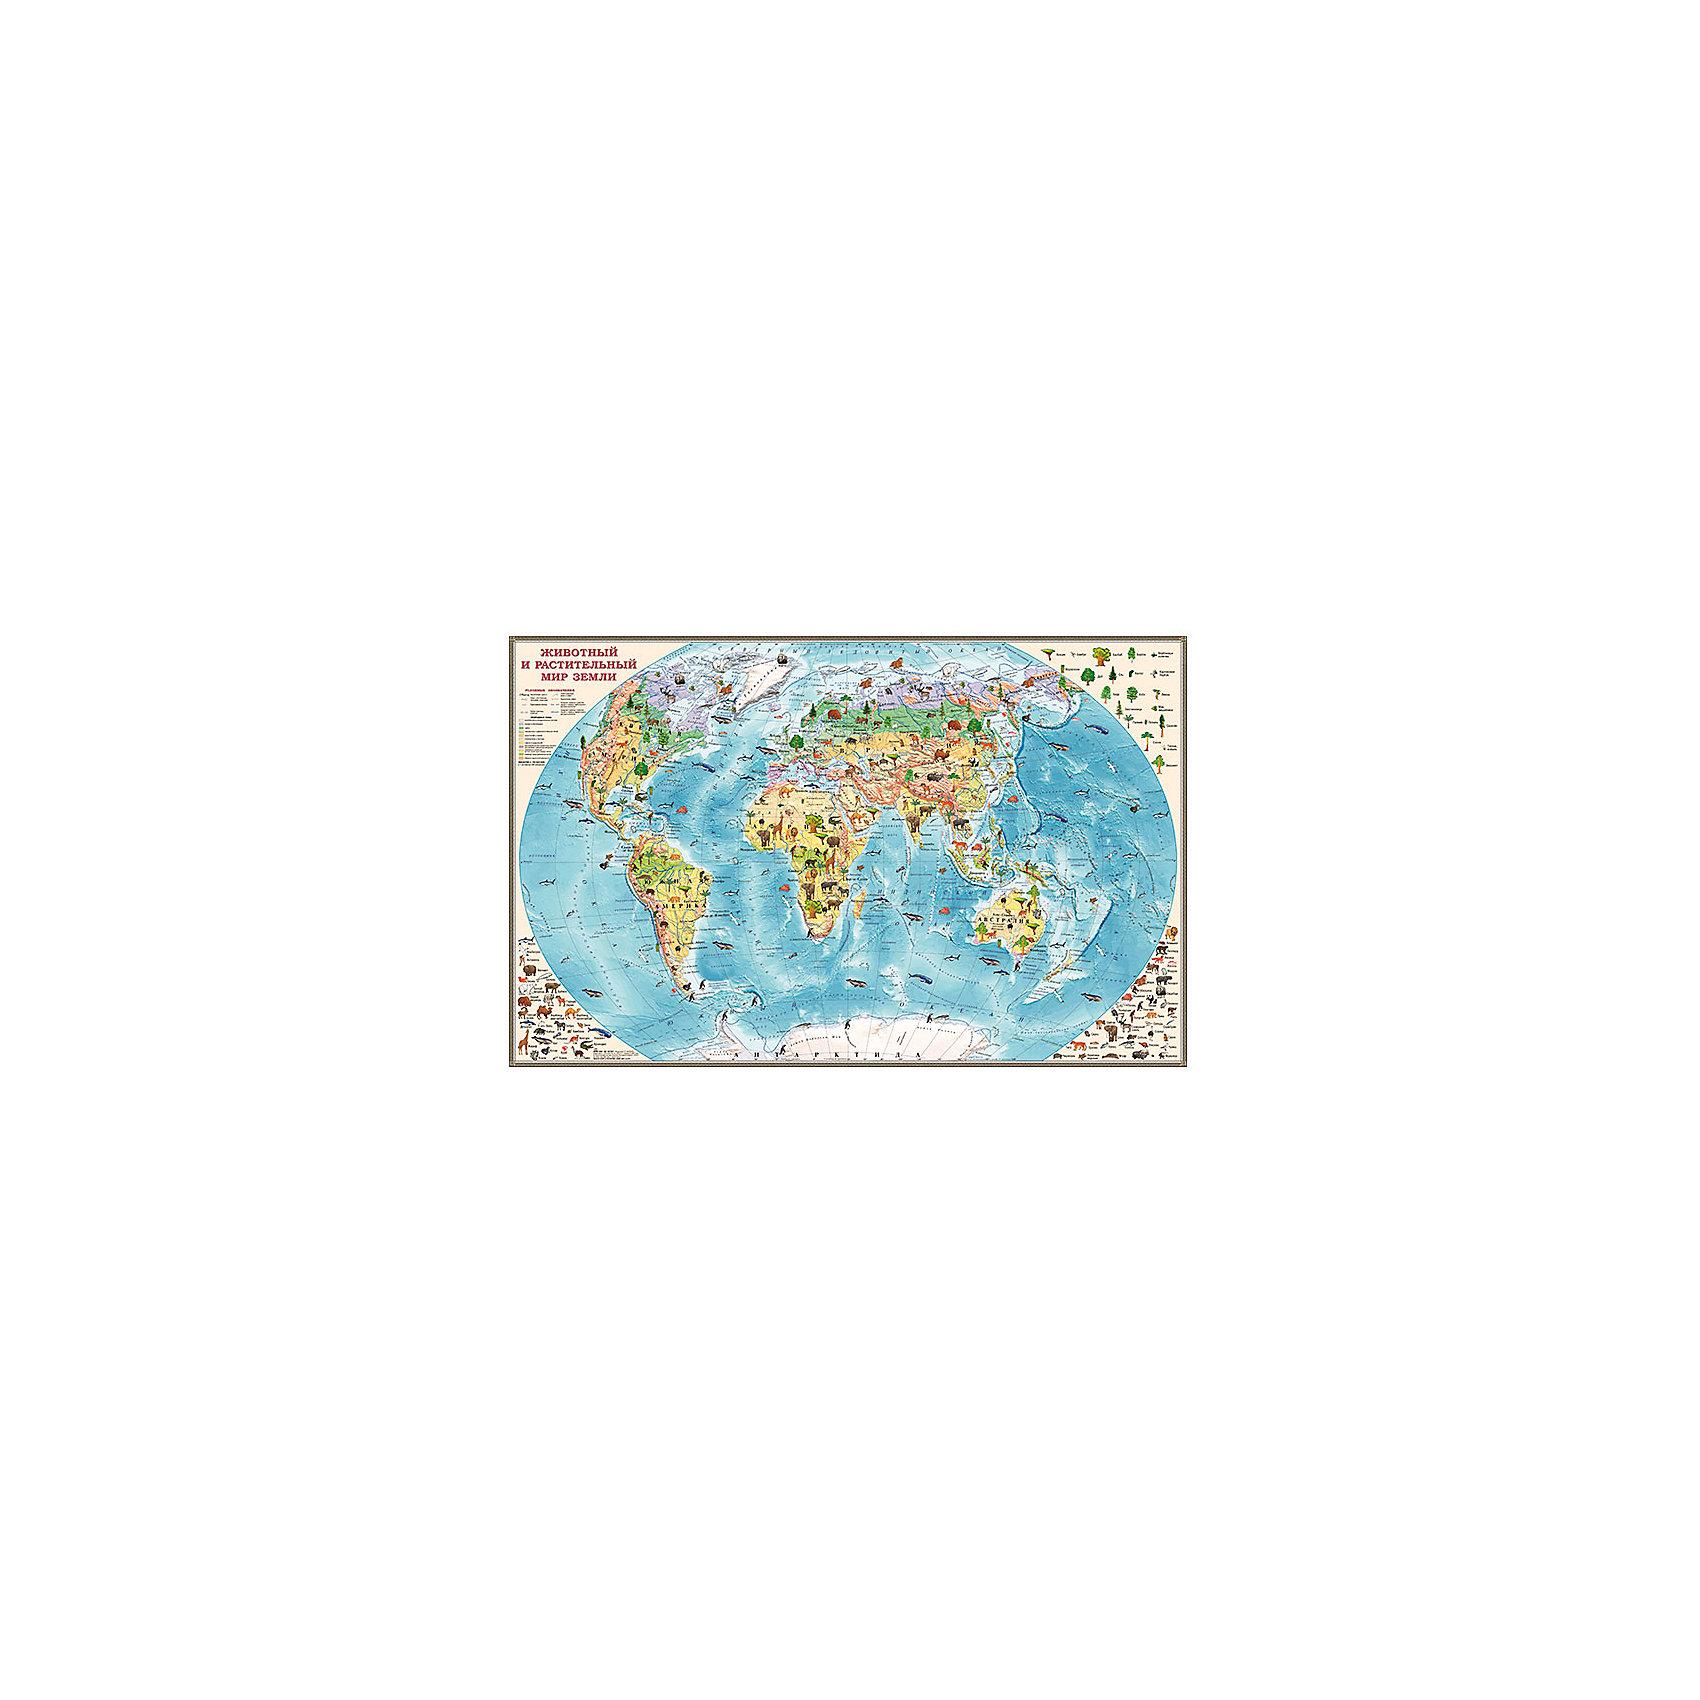 Двусторонняя настольная карта Обитатели ЗемлиЯркая настольная карта мира для детей предназначена для изучения окружающего мира, морей, океанов и континентов, а также их обитателей. Небольшие размеры карты позволяют разместить ее на столе, ламинированная поверхность защитит изображения от случайных повреждений и влаги. На оборотной стороне карты размещено описание о самых больших и необычных животных мира.<br><br>Дополнительная информация:<br><br>- Материал: бумага.<br>- Размер: 58х37 см.<br>- Двусторонняя карта. <br><br>Двустороннюю настольную карту Обитатели Земли можно купить в нашем магазине.<br><br>Ширина мм: 370<br>Глубина мм: 570<br>Высота мм: 370<br>Вес г: 90<br>Возраст от месяцев: 36<br>Возраст до месяцев: 2147483647<br>Пол: Унисекс<br>Возраст: Детский<br>SKU: 4093401